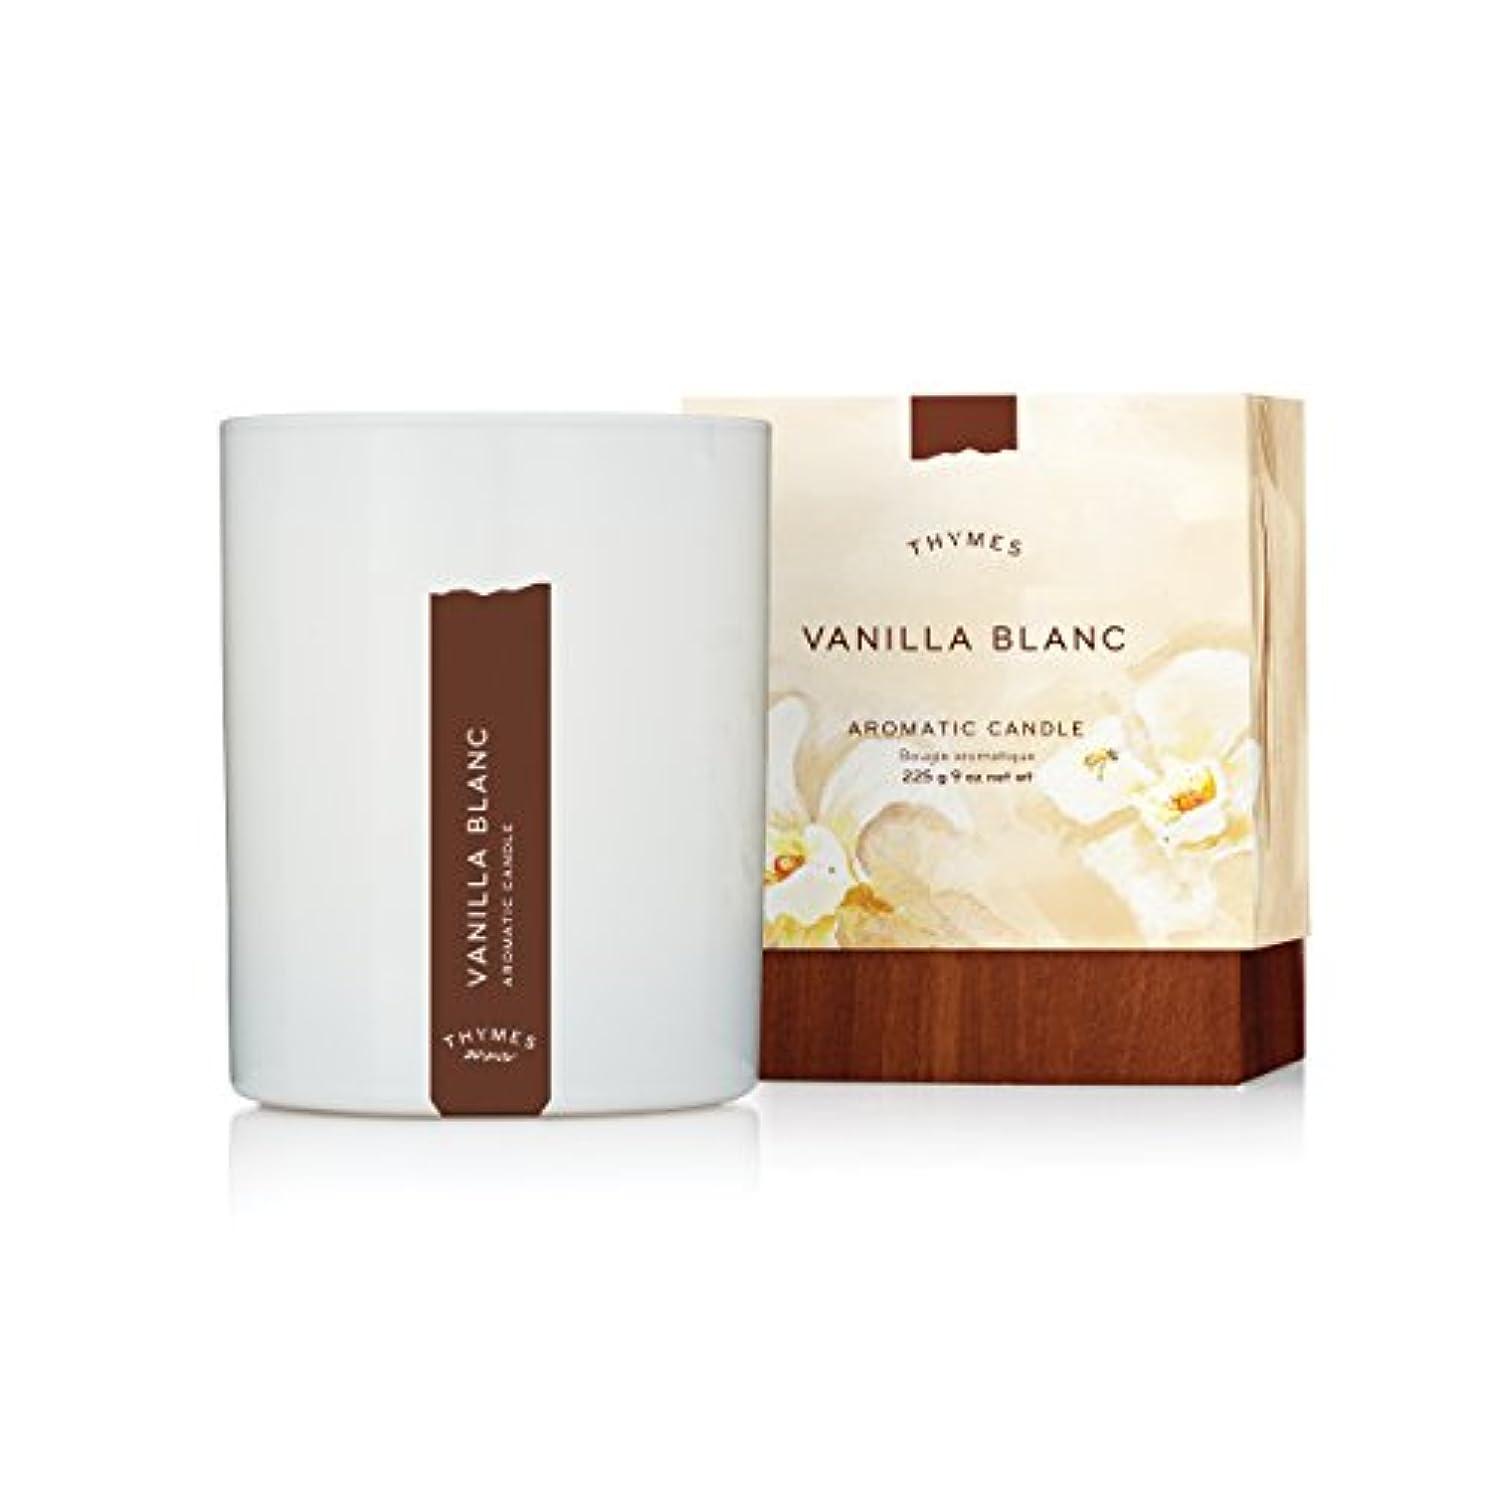 違反する動作種Thymes - Vanilla Blanc Aromatic Scented Candle - Long Lasting Warm Vanilla Scent with Gift Box - 9 oz